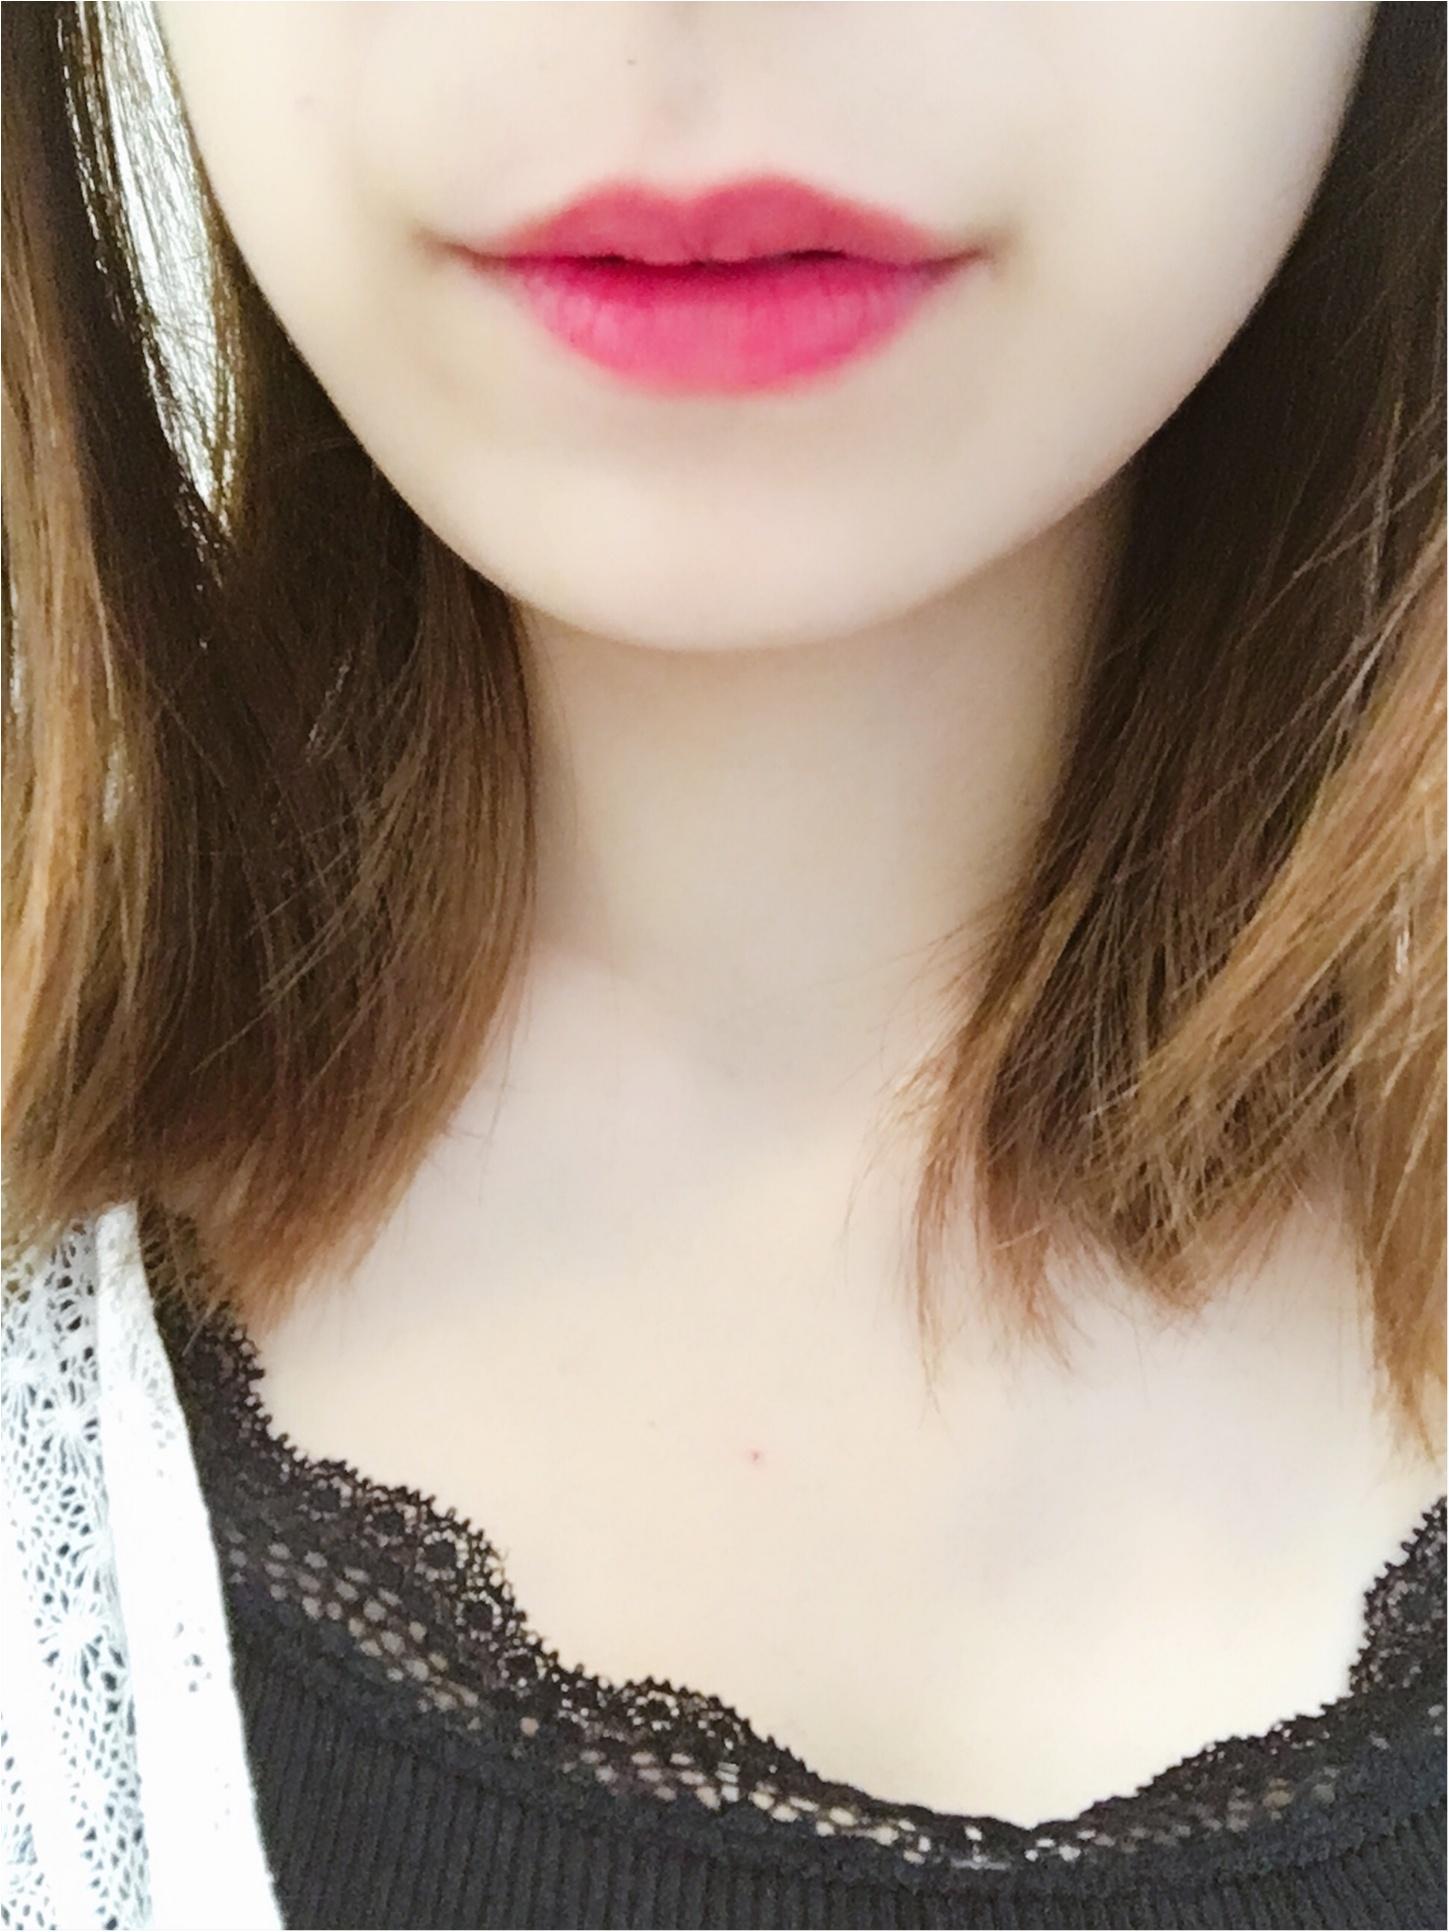 ★【Dior】アディクトリップティント!キスしても色移りしないんだって♡!!_4